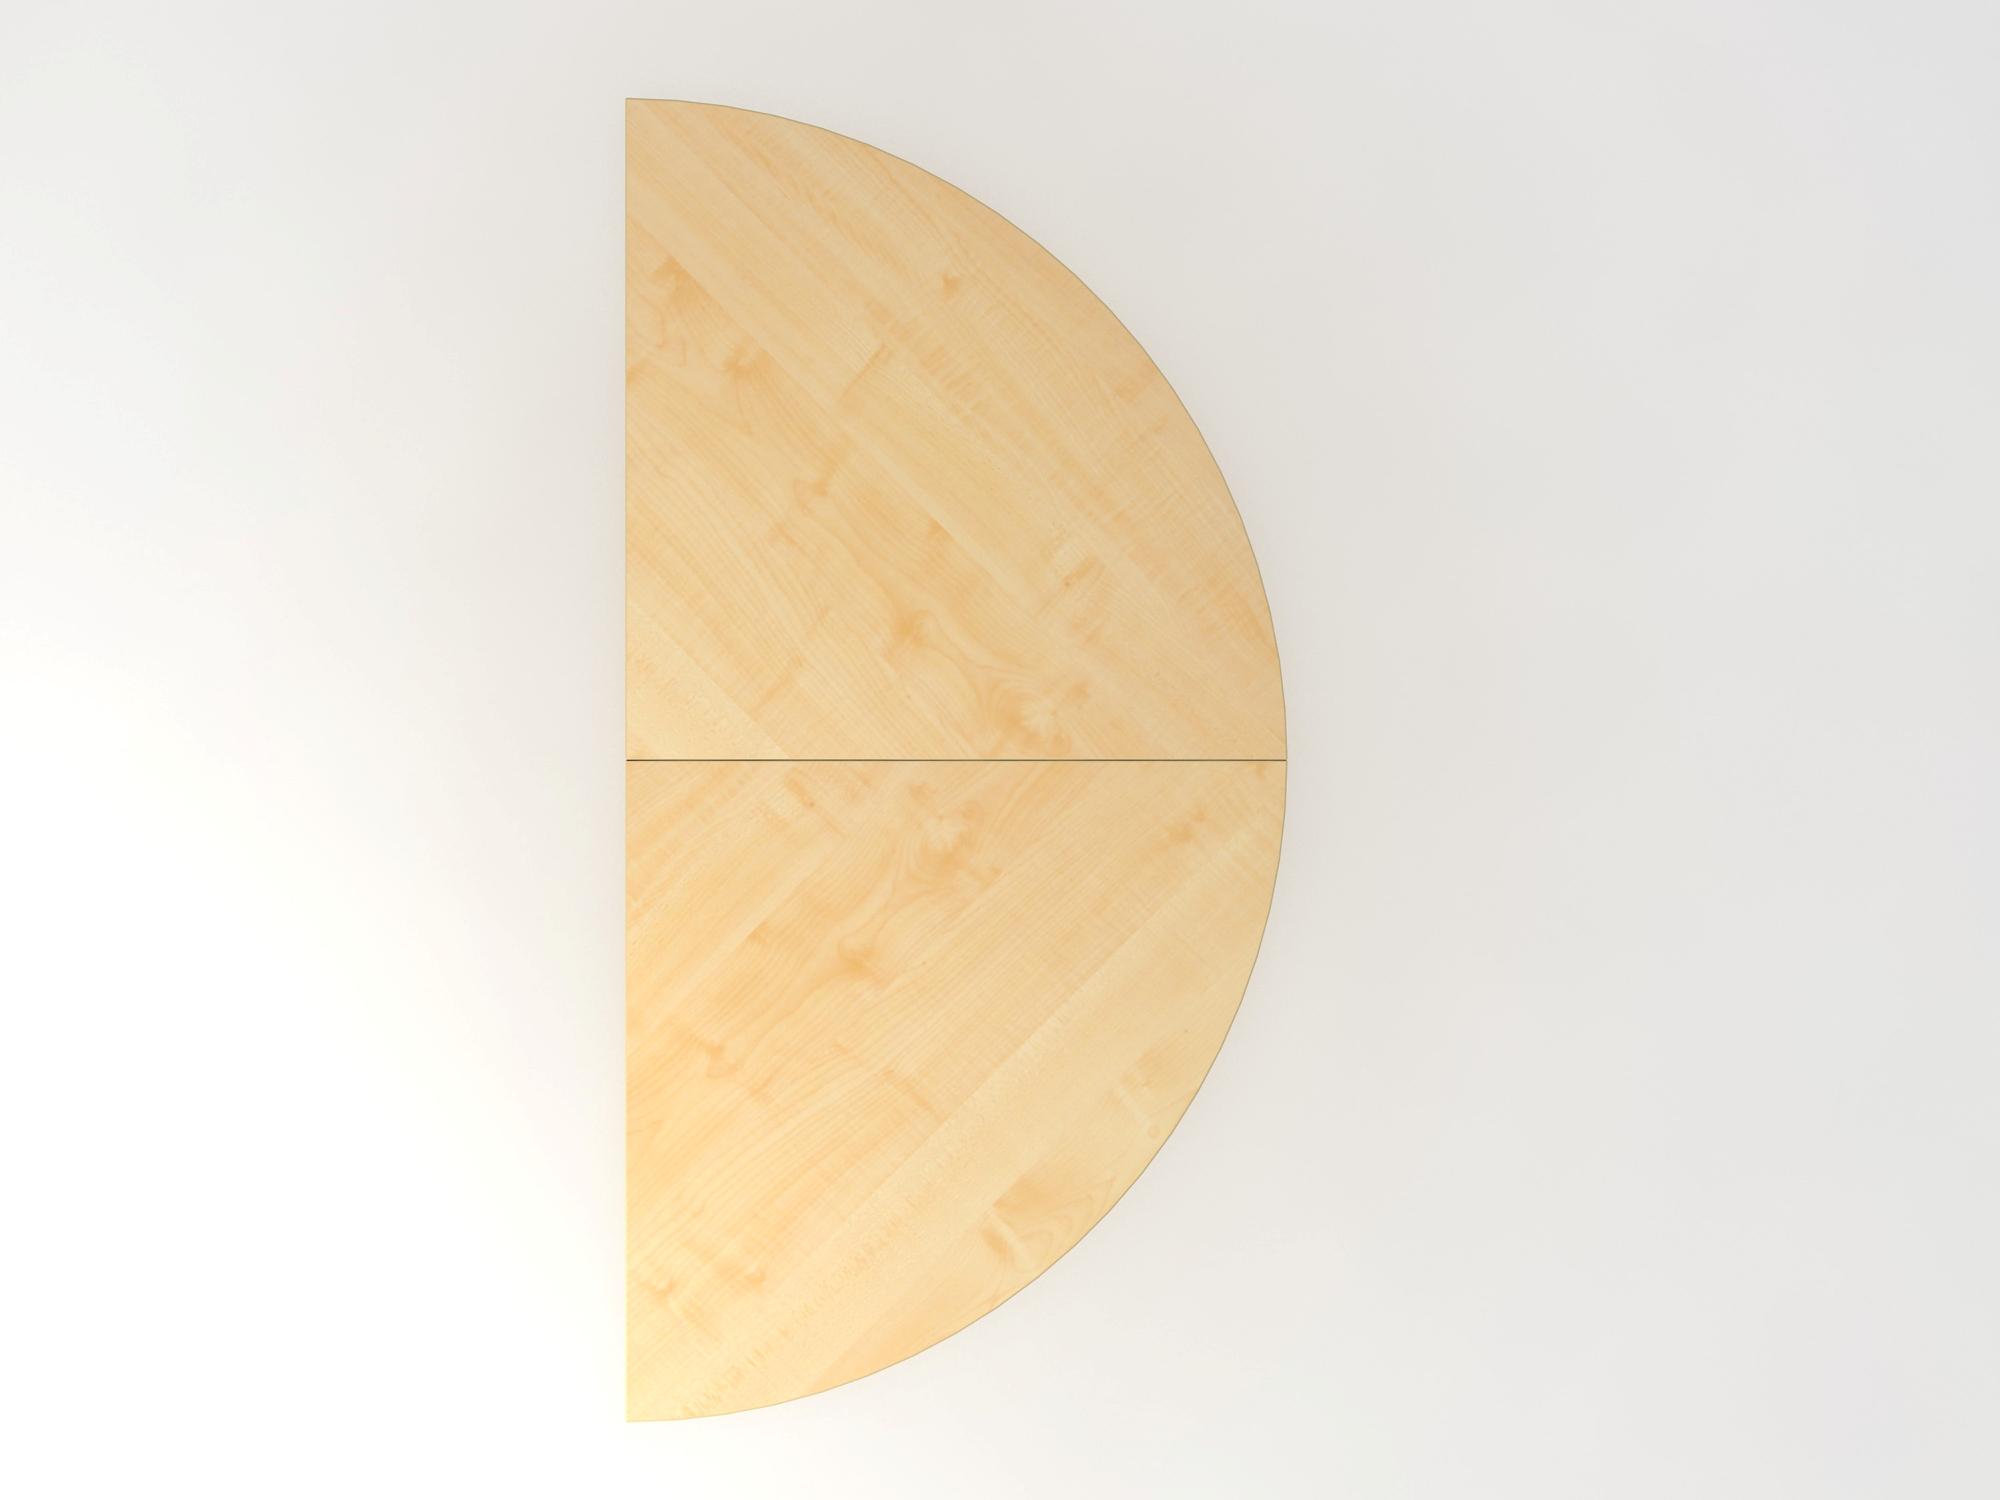 Anbautisch 2xViertelkreis/STF Ahorn/Schwarz